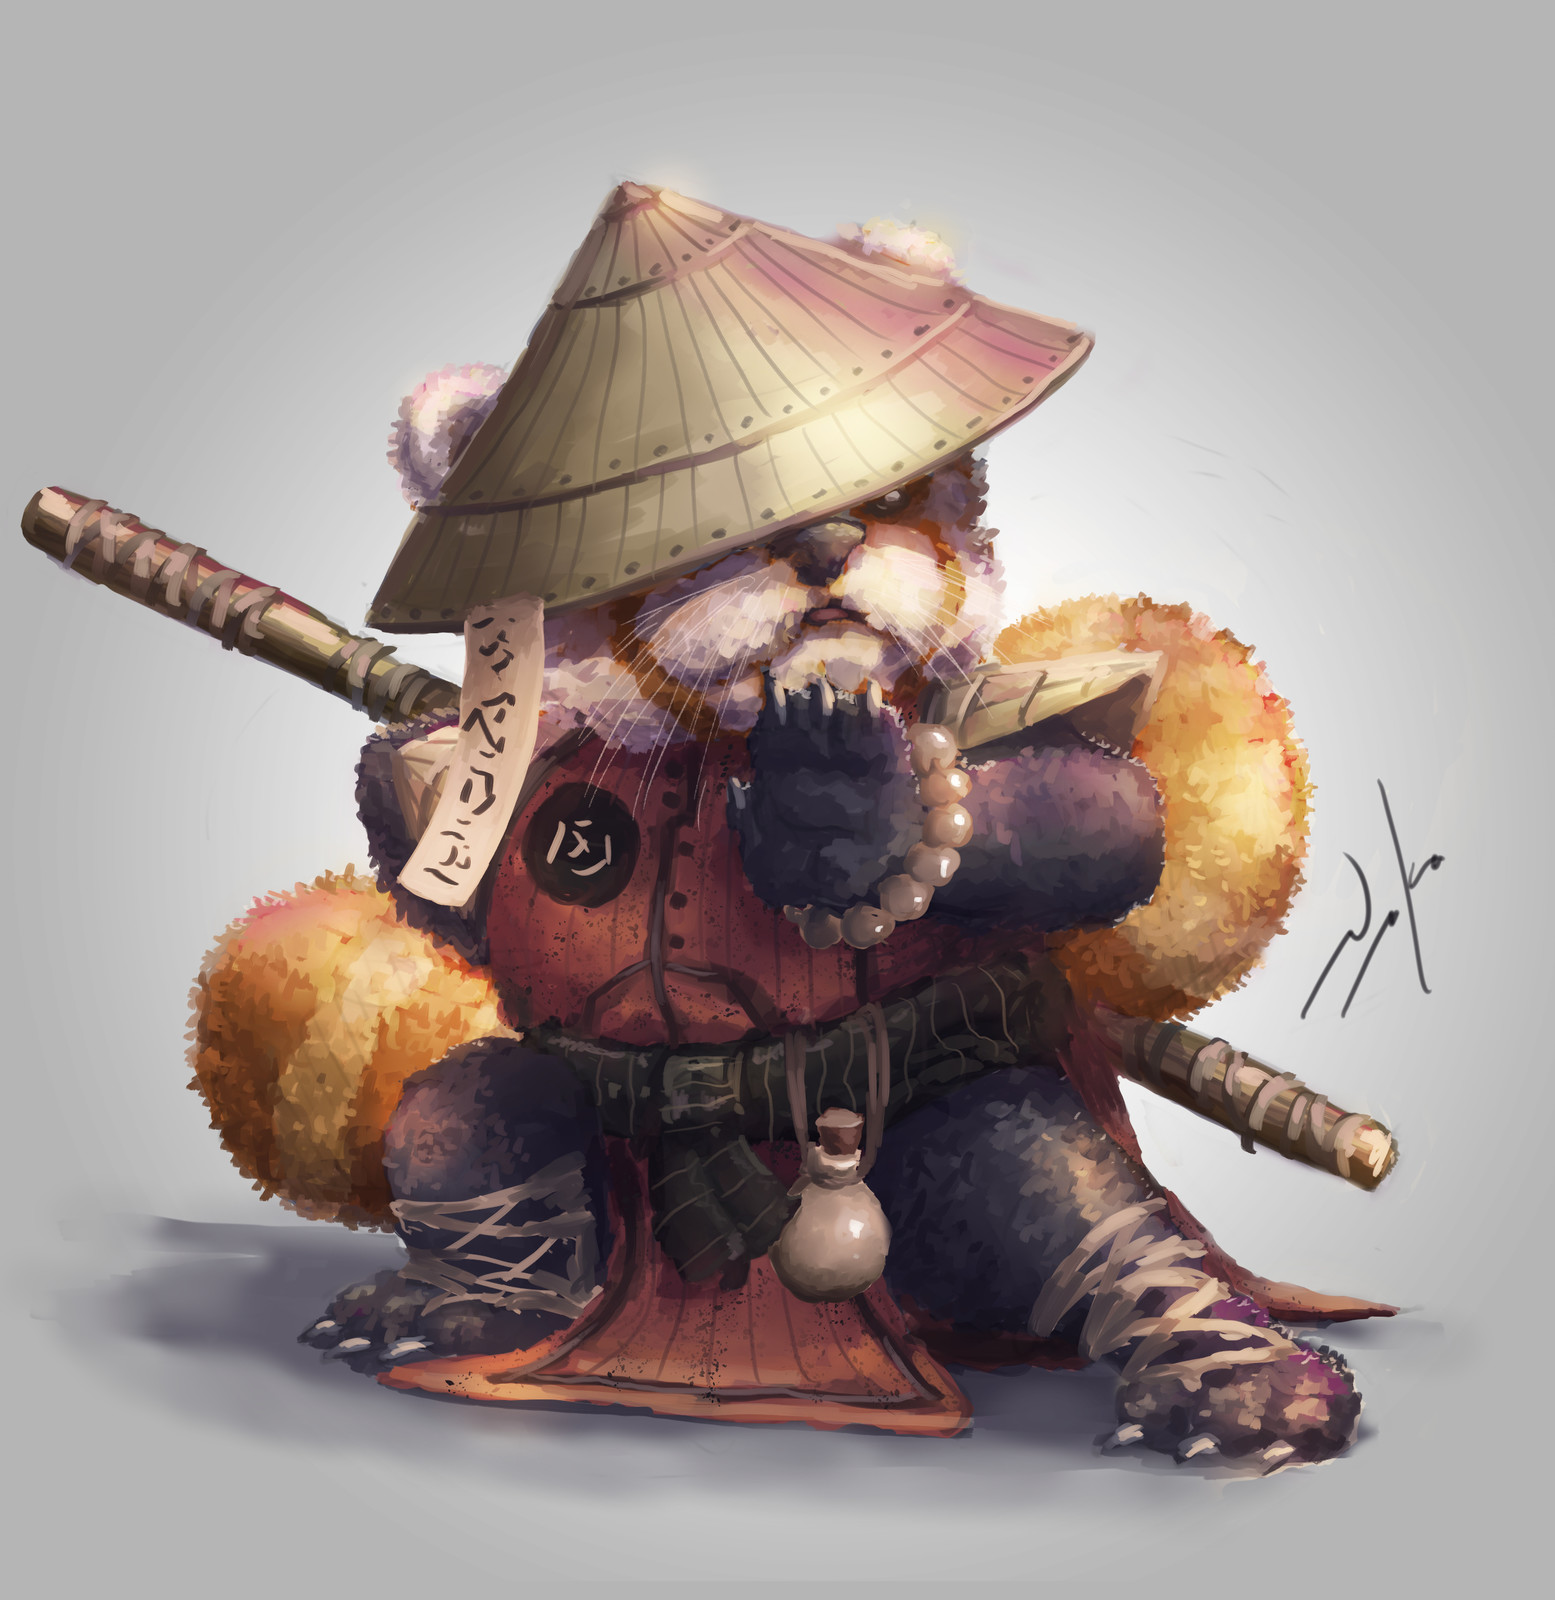 Red Panda Kung Fu